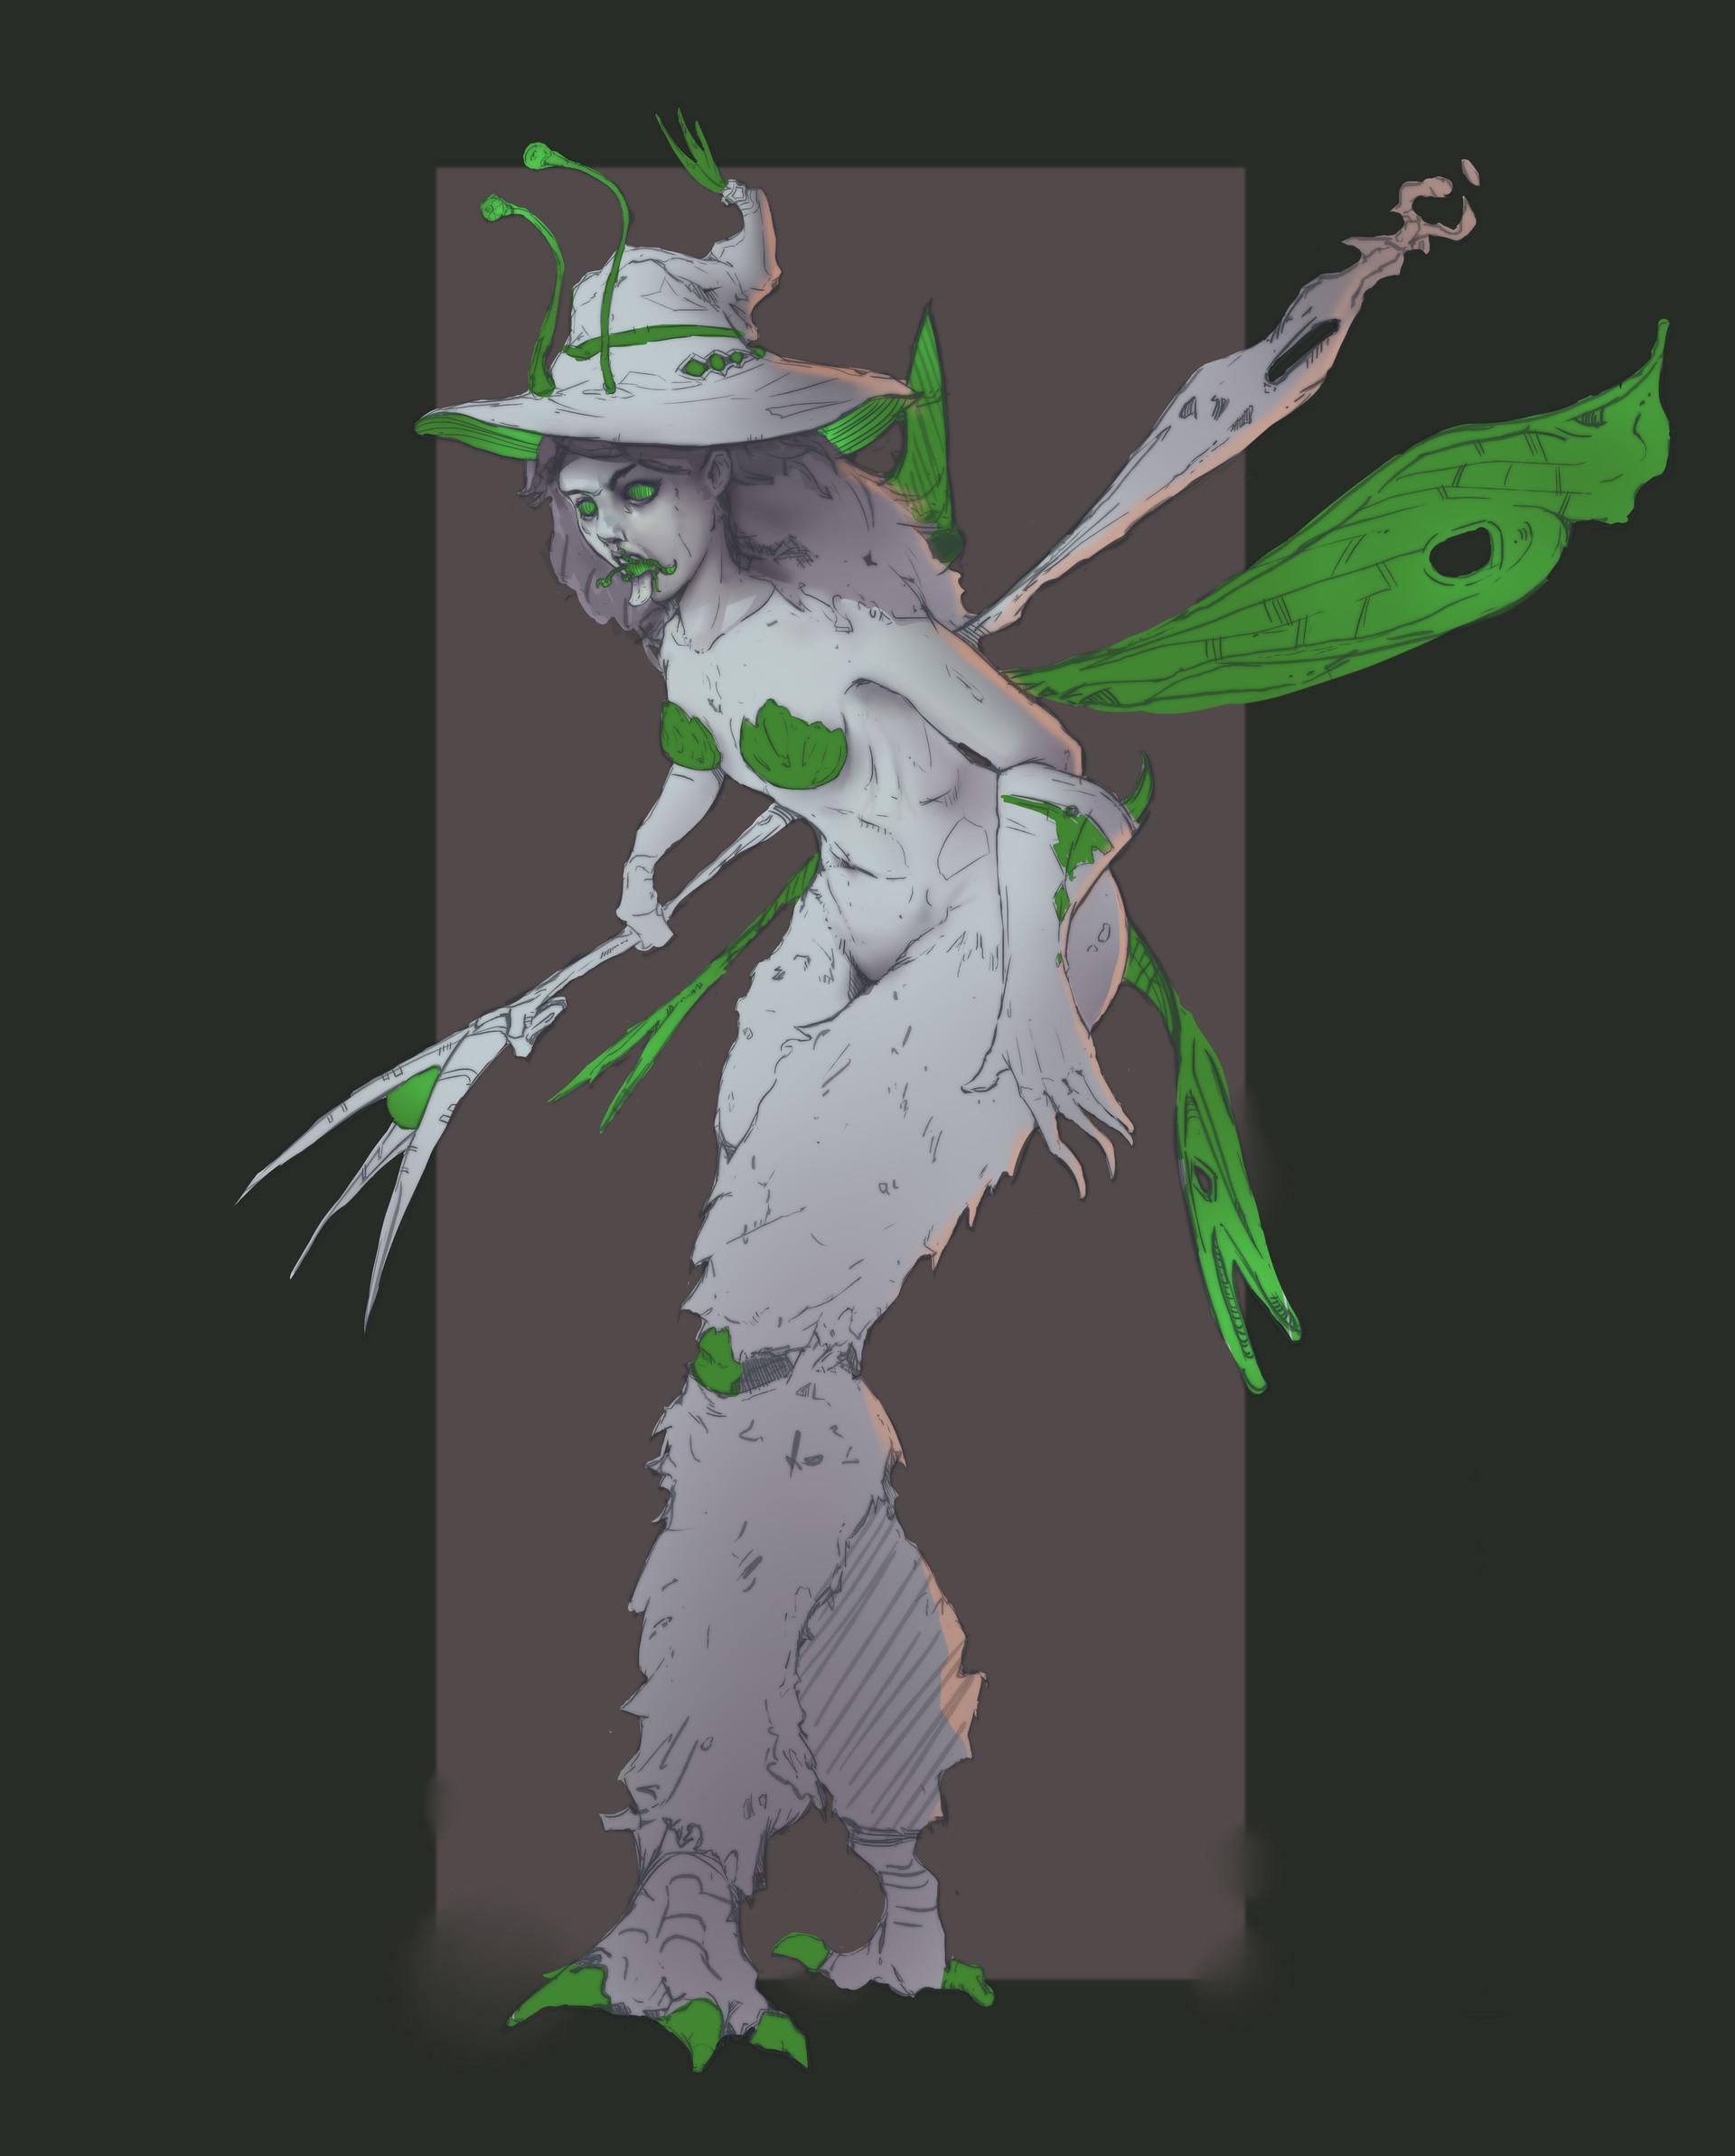 Boyan kazalov witchcolor2